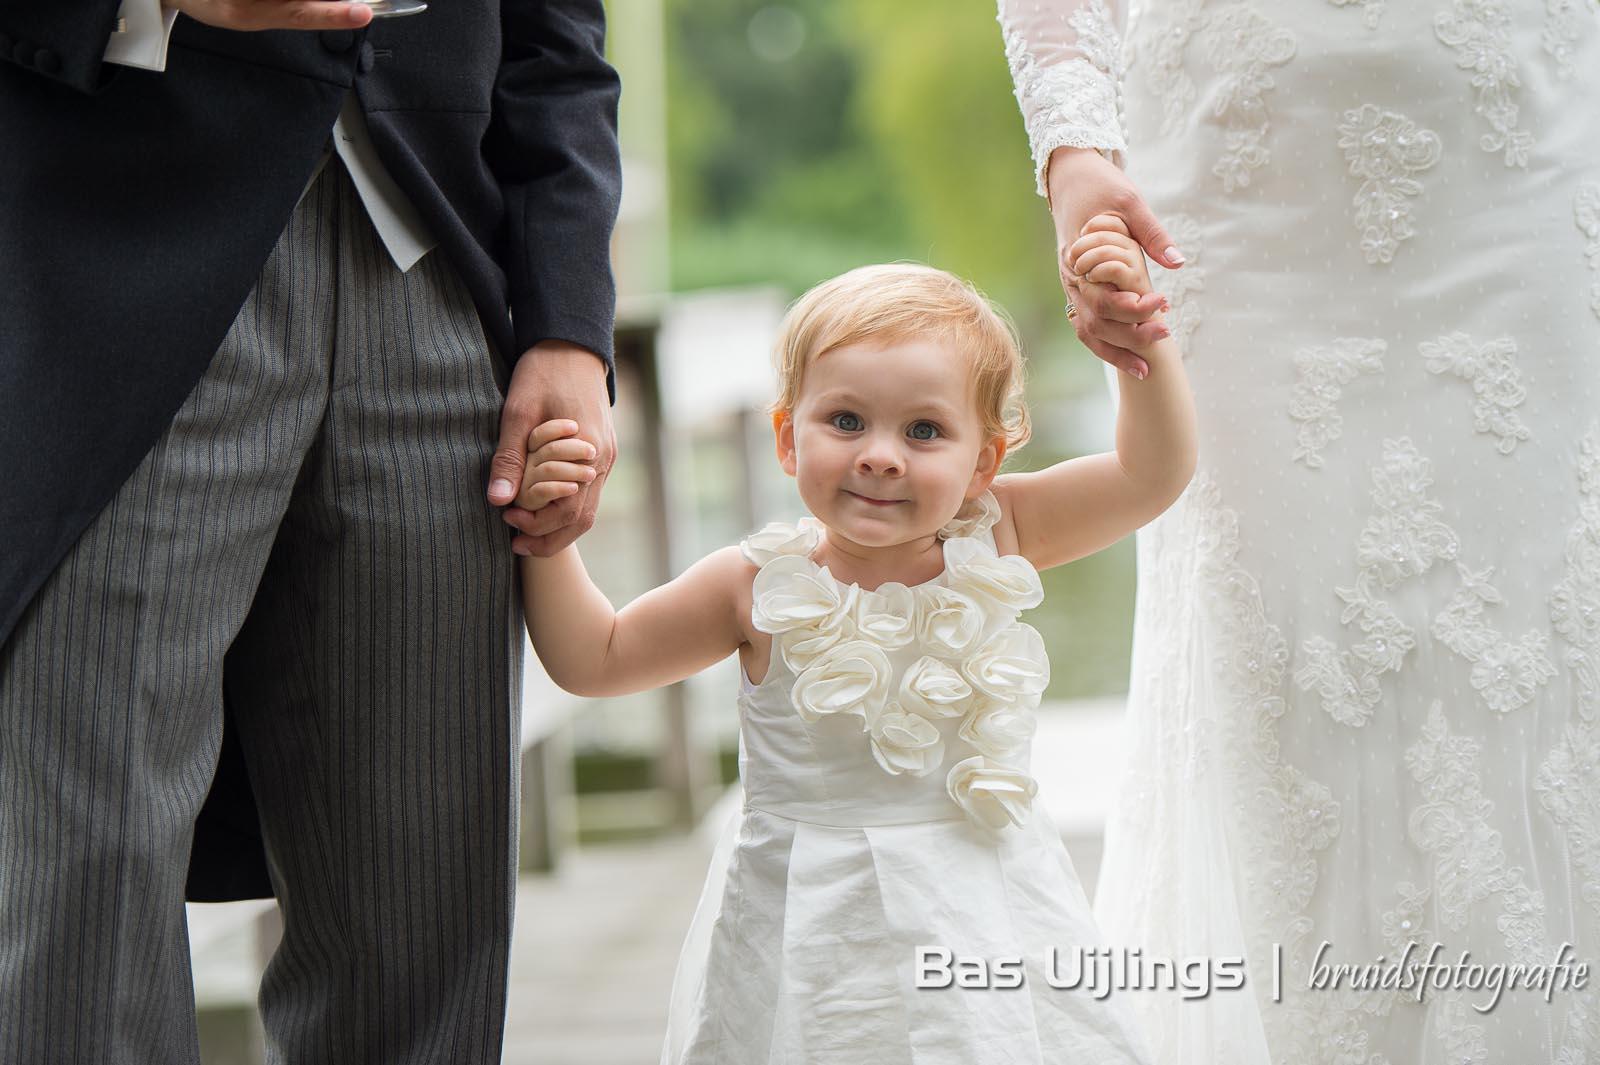 Bruidsfotografie Baarn en Amstelkerk Ouderkerk aan de Amstel